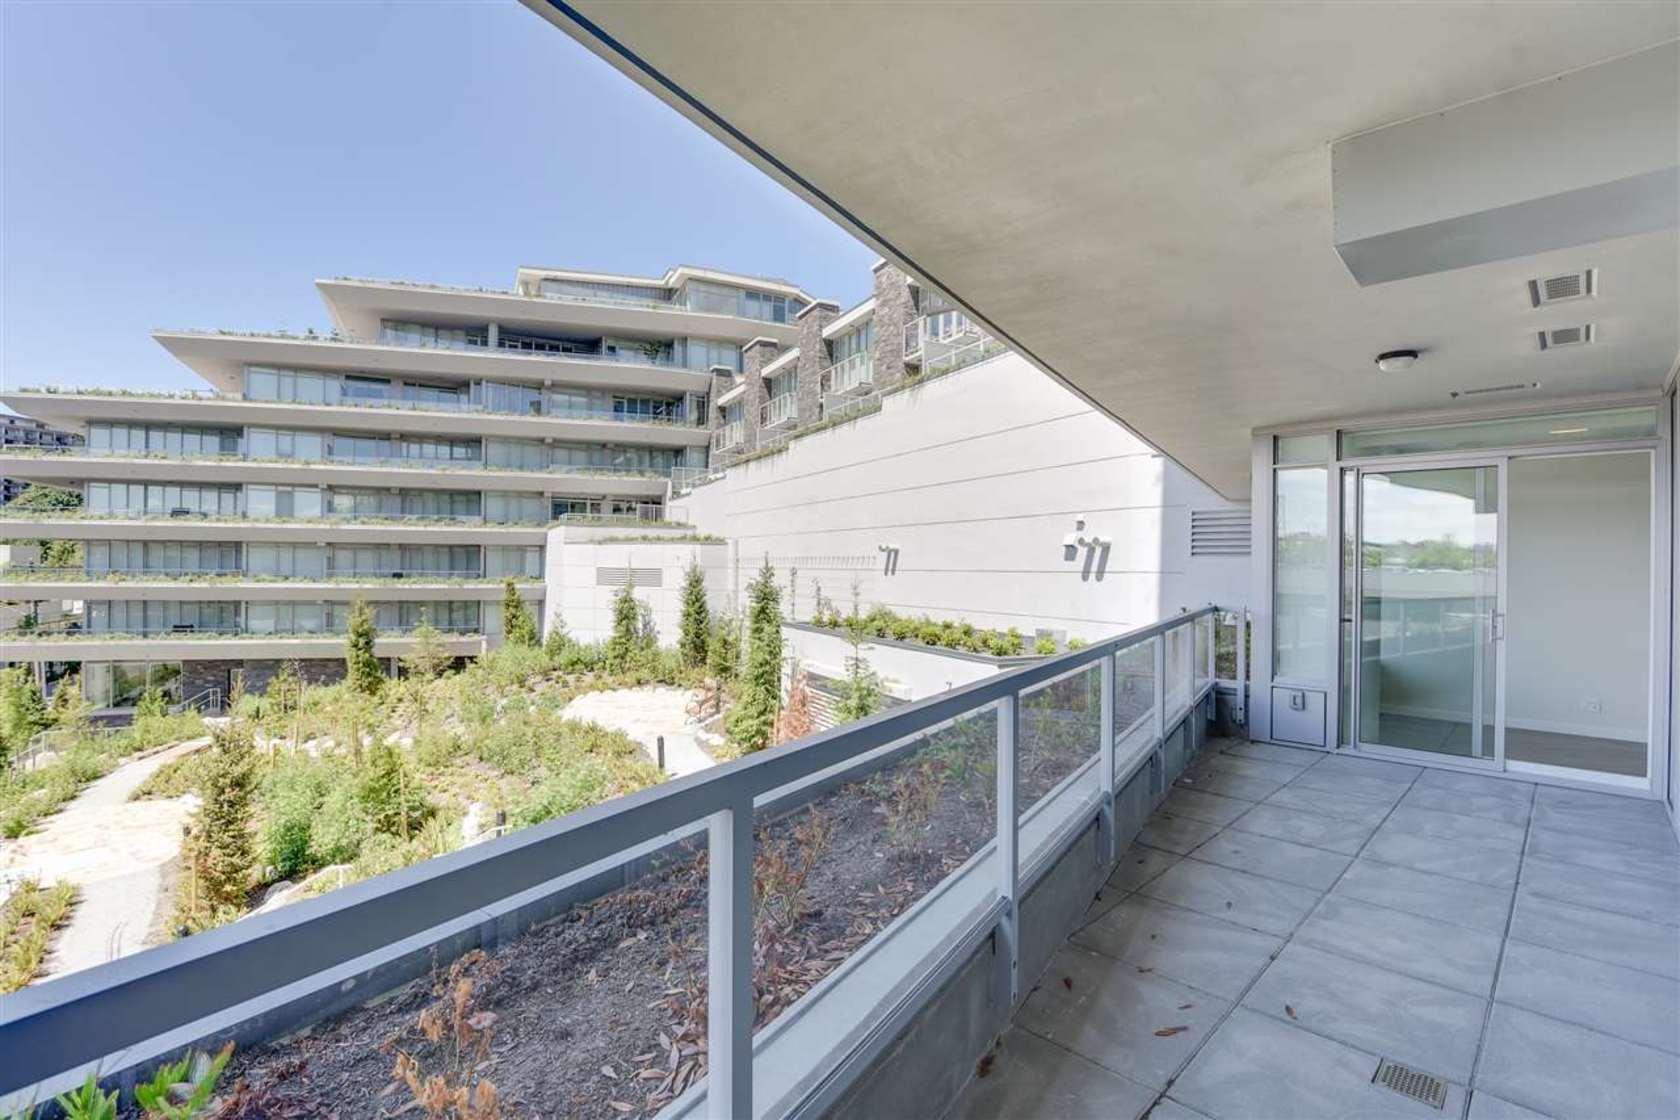 768-arthur-erickson-place-park-royal-west-vancouver-12 at 204 - 768 Arthur Erickson Place, Park Royal, West Vancouver